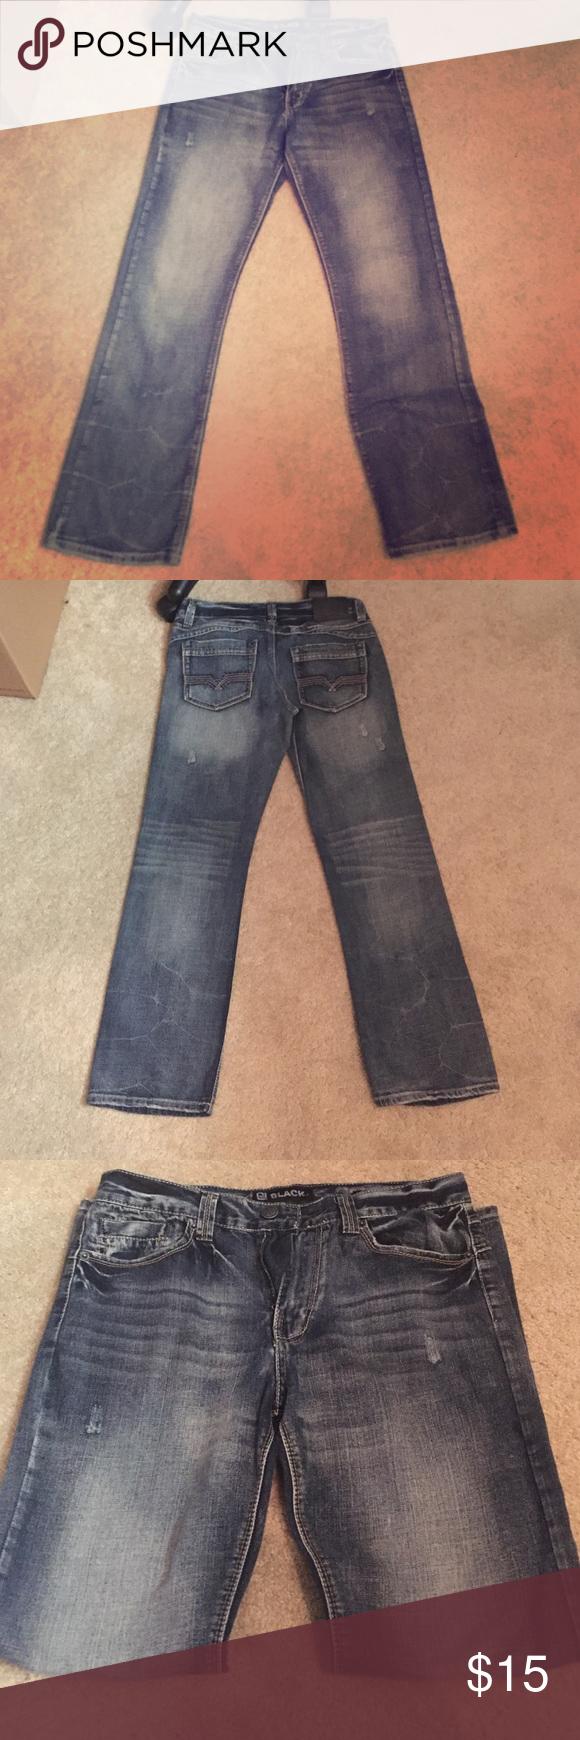 Men's CJ Black Jeans Size 32/32 Very nice Jeans Size 32/32! New ...